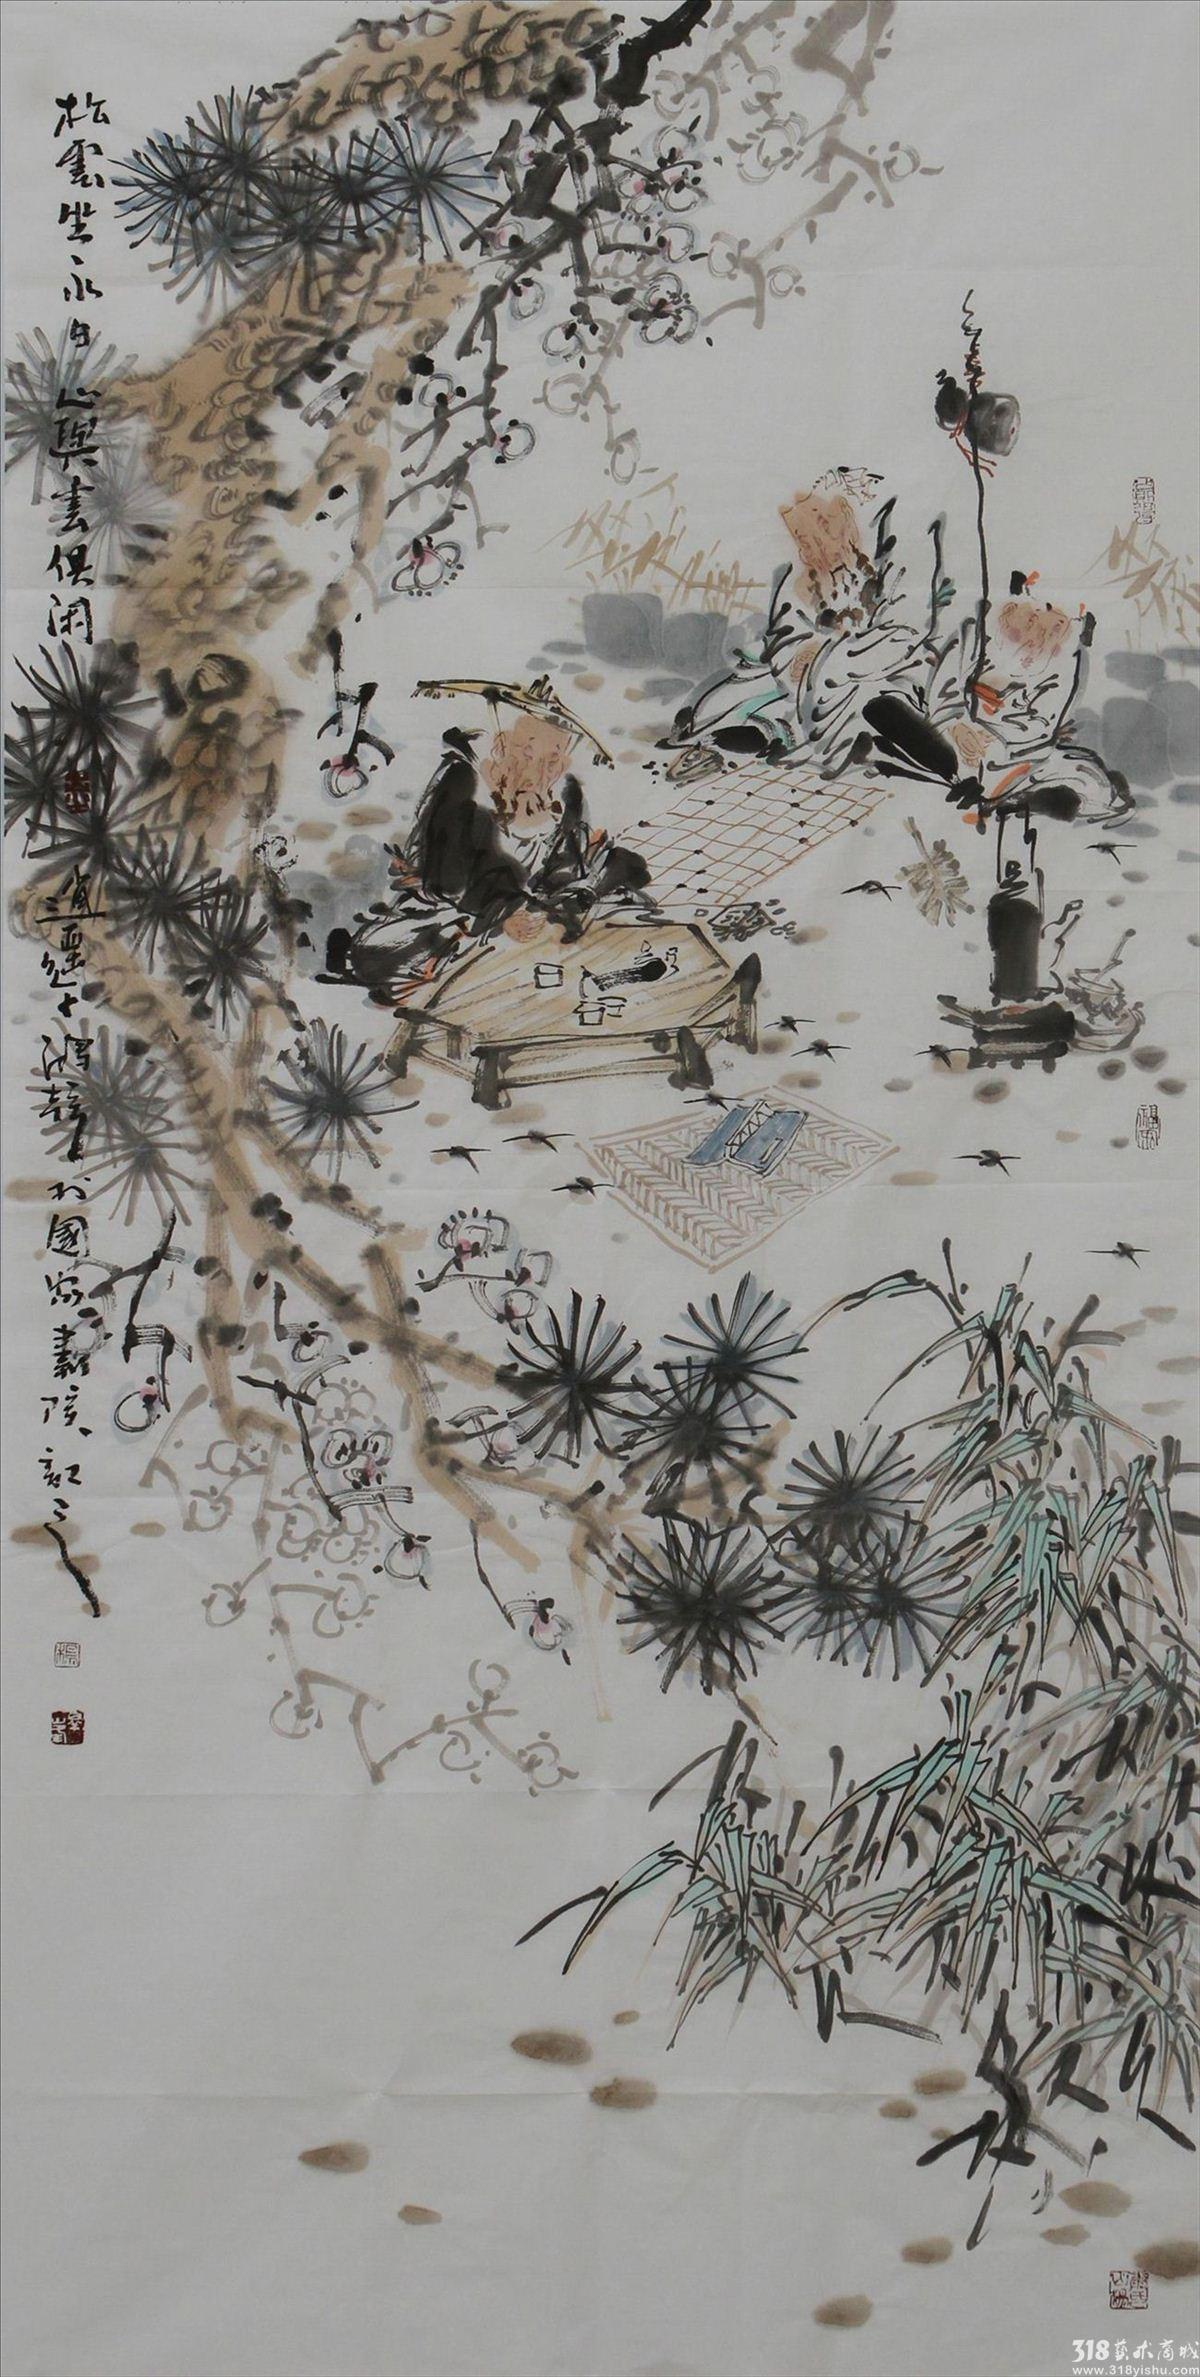 藏族水墨风景图片大全